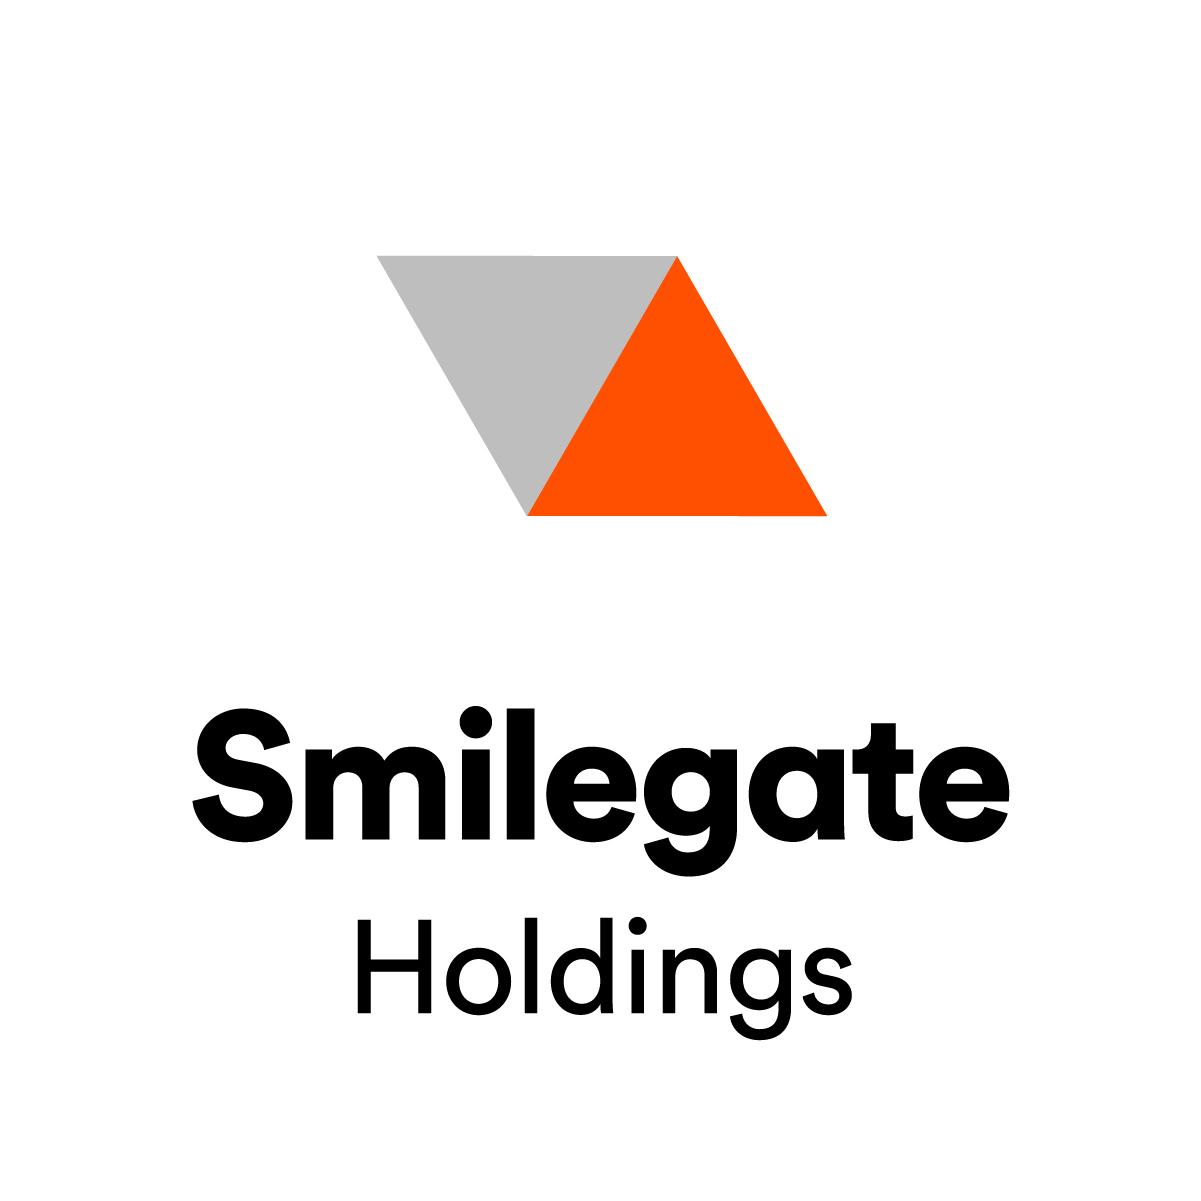 스마일게이트홀딩스의 계열사 (주)스마일게이트홀딩스의 로고